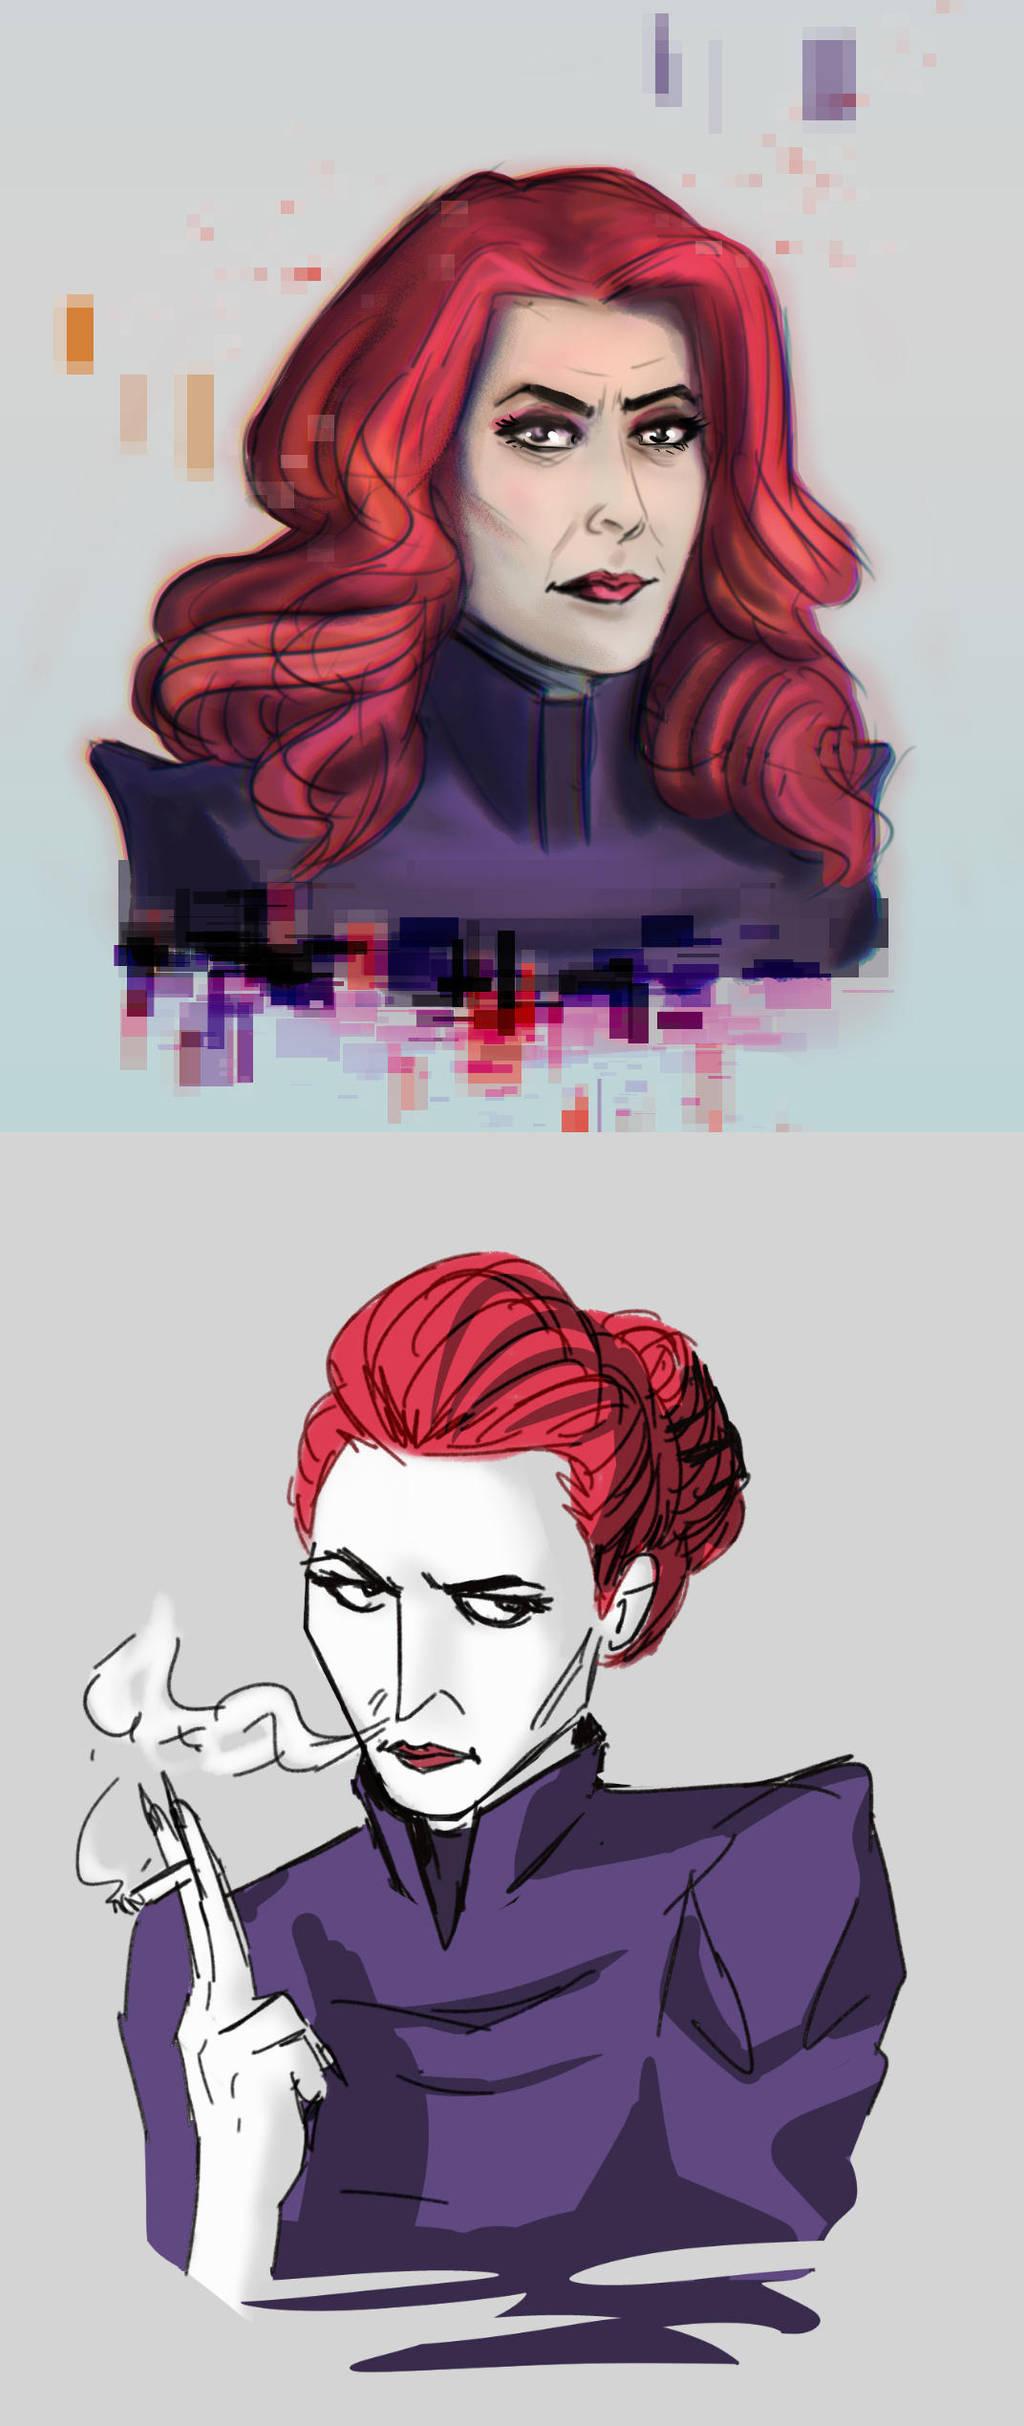 Katherine sketch dump by ajcrwl